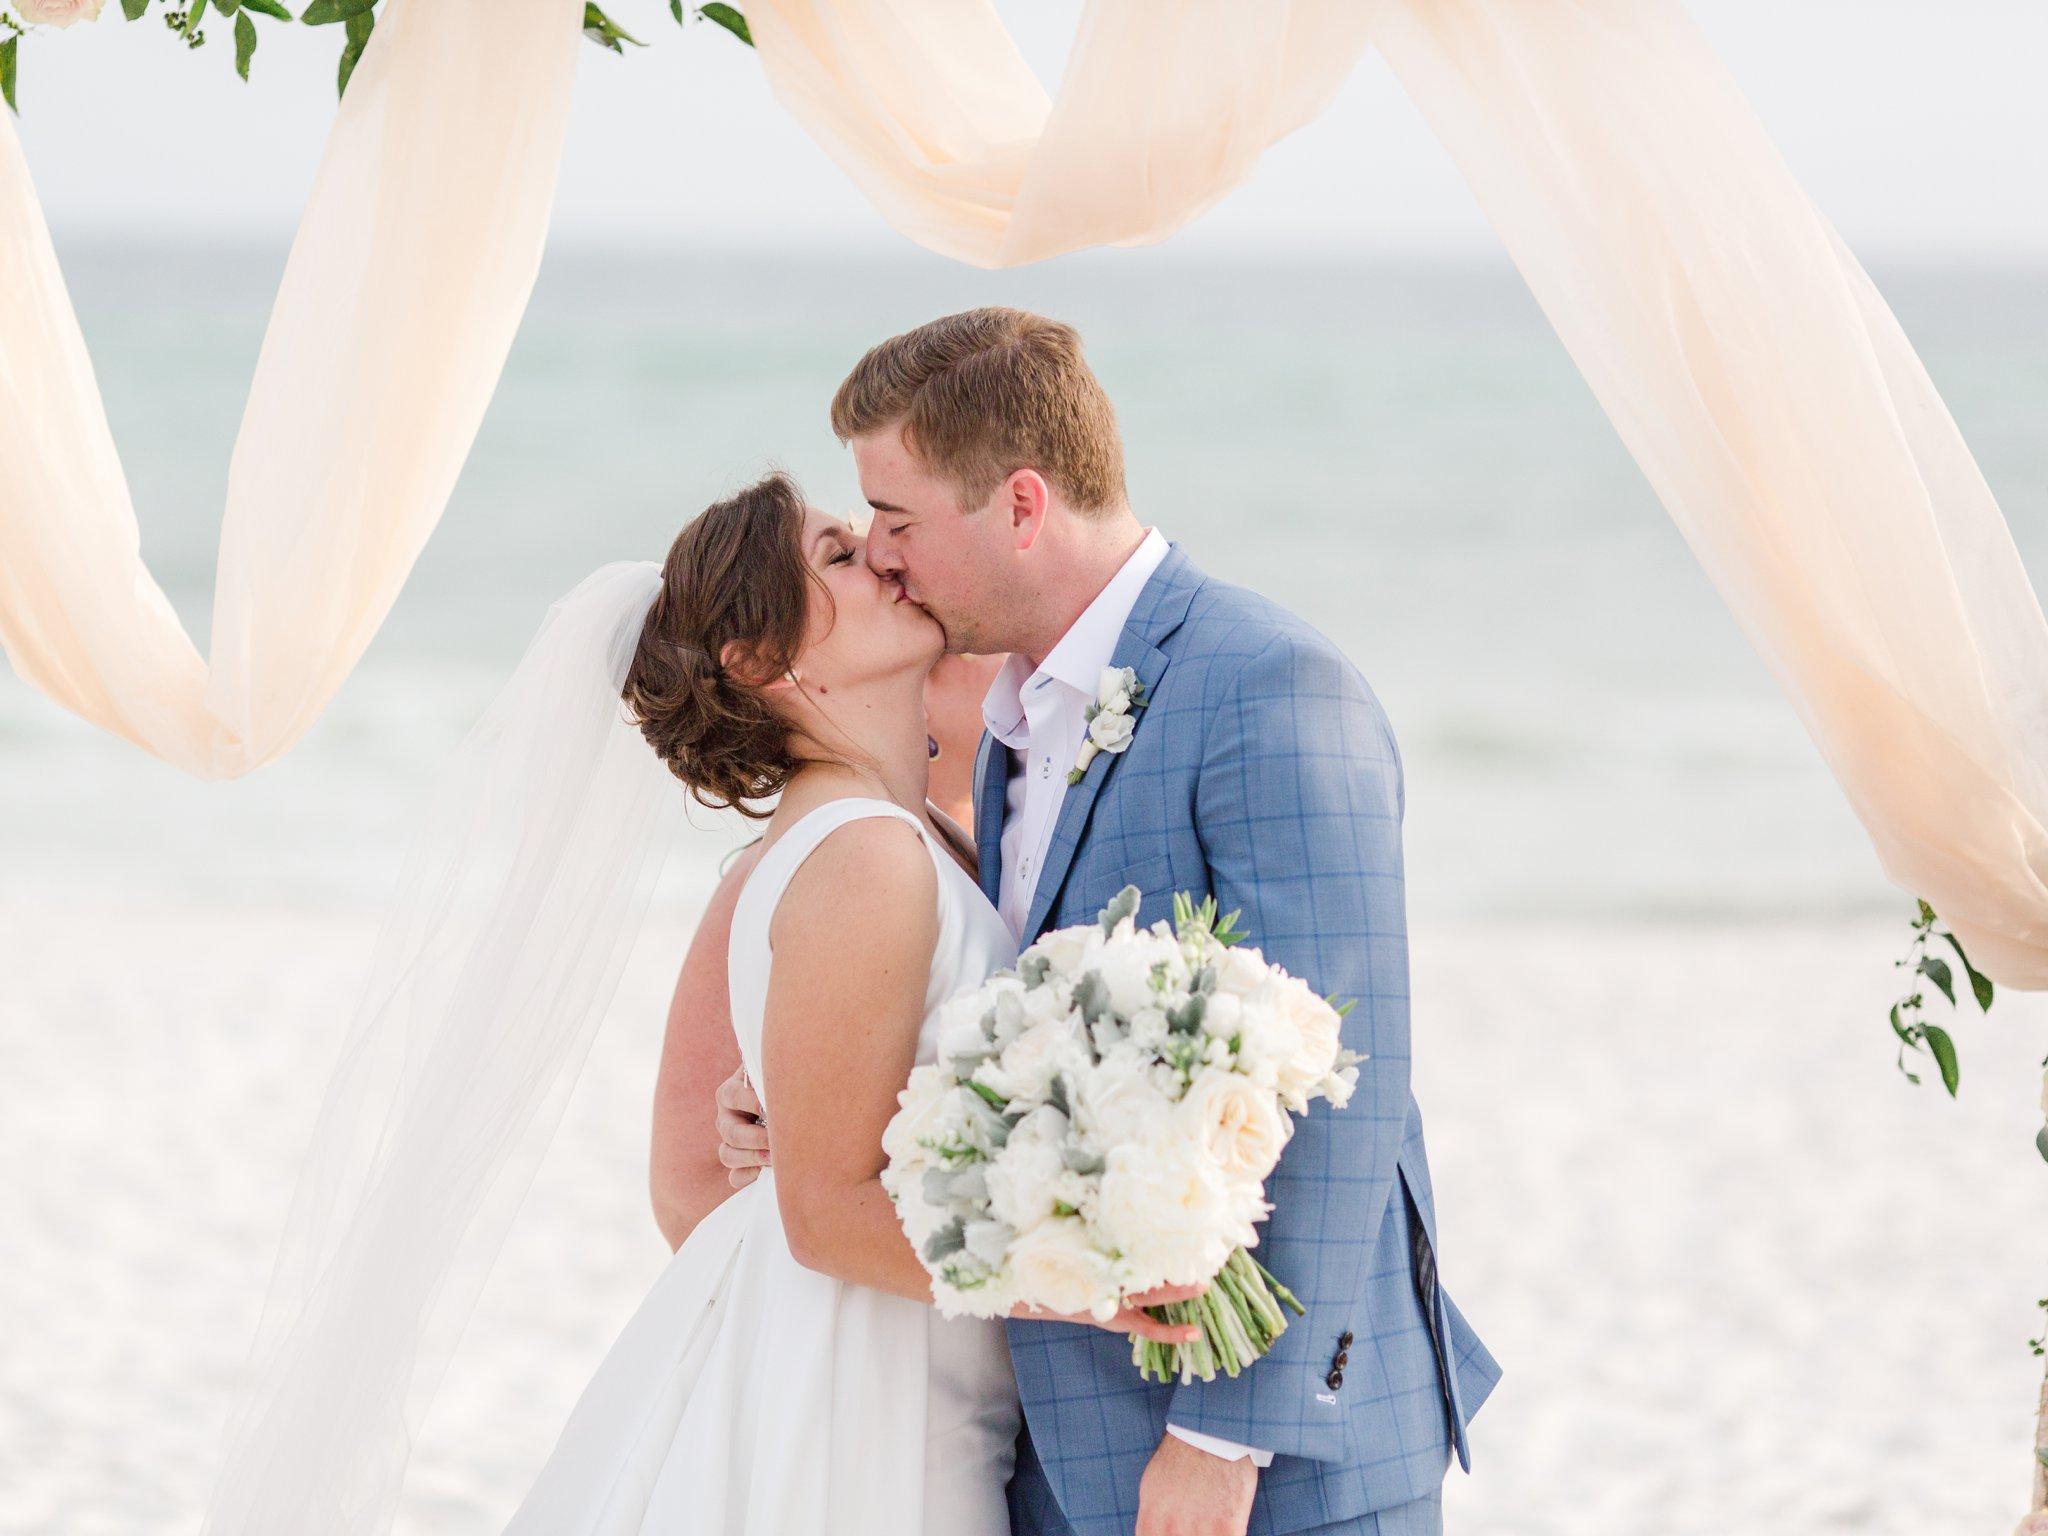 carillon beach wedding photographer shannon griffin photographer_0010.jpg